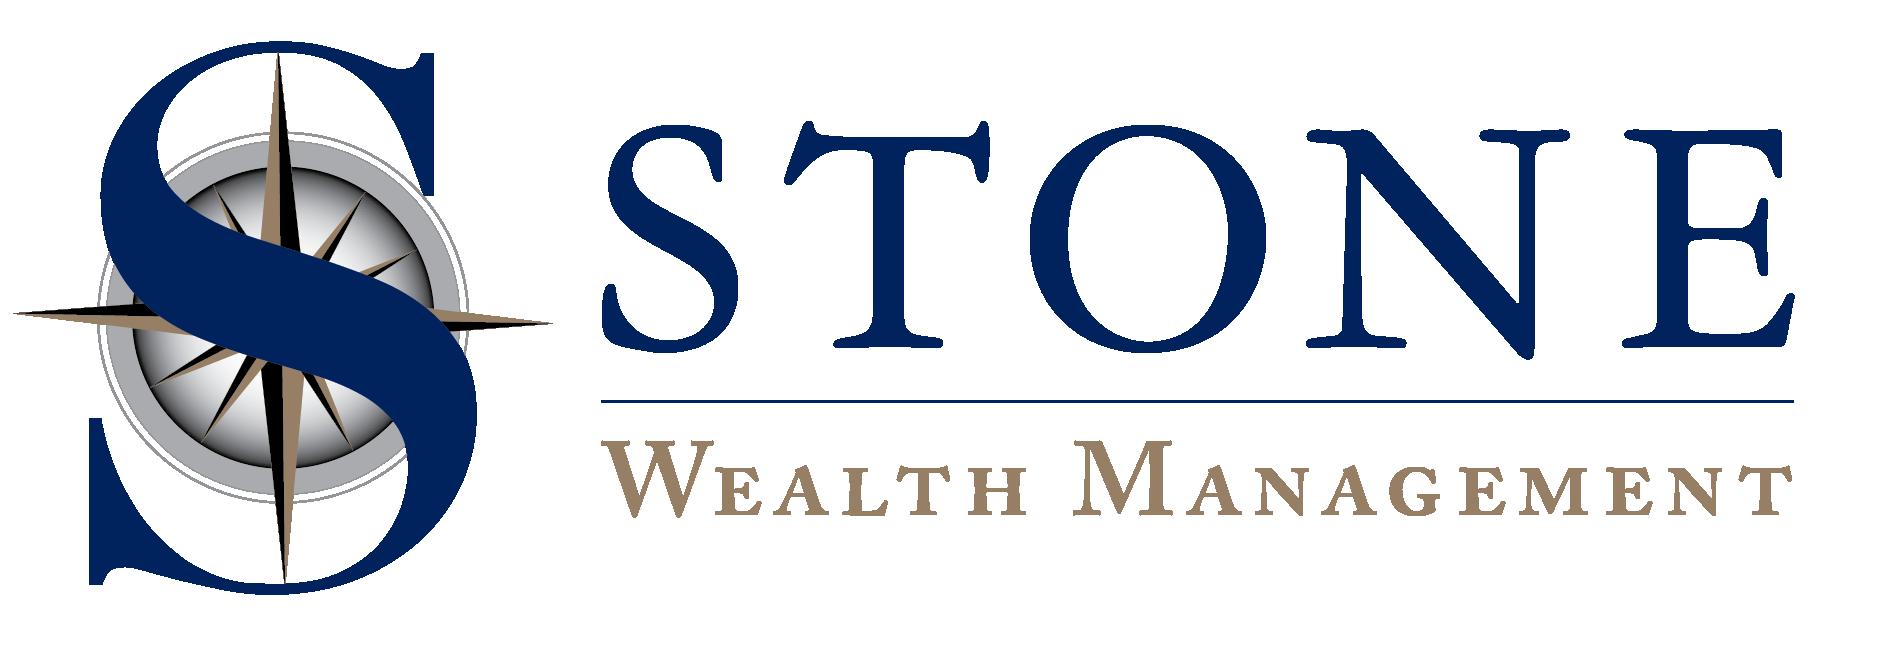 金石财富管理的标志